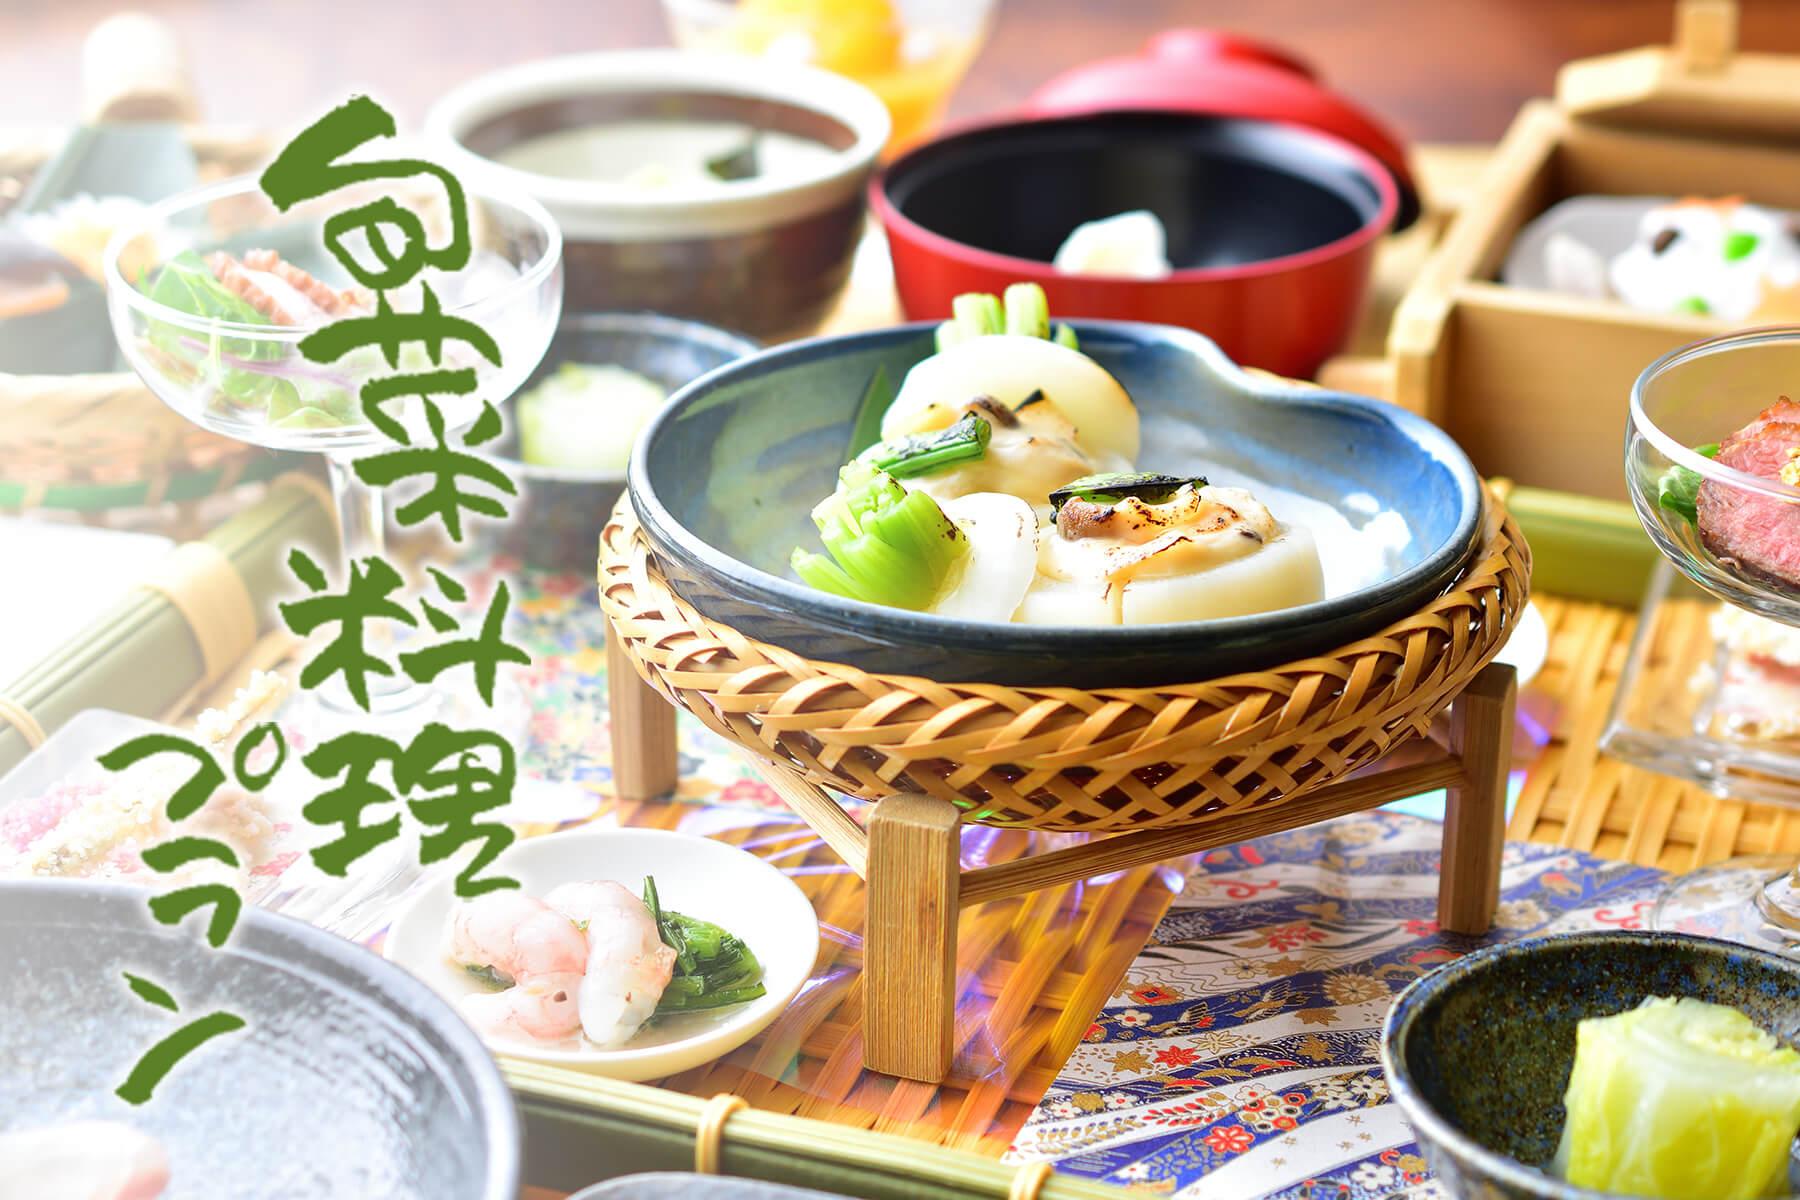 〈スタンダード 旬菜料理プラン 2019冬〉地元妙高の高原野菜、地場産の山菜を堪能!